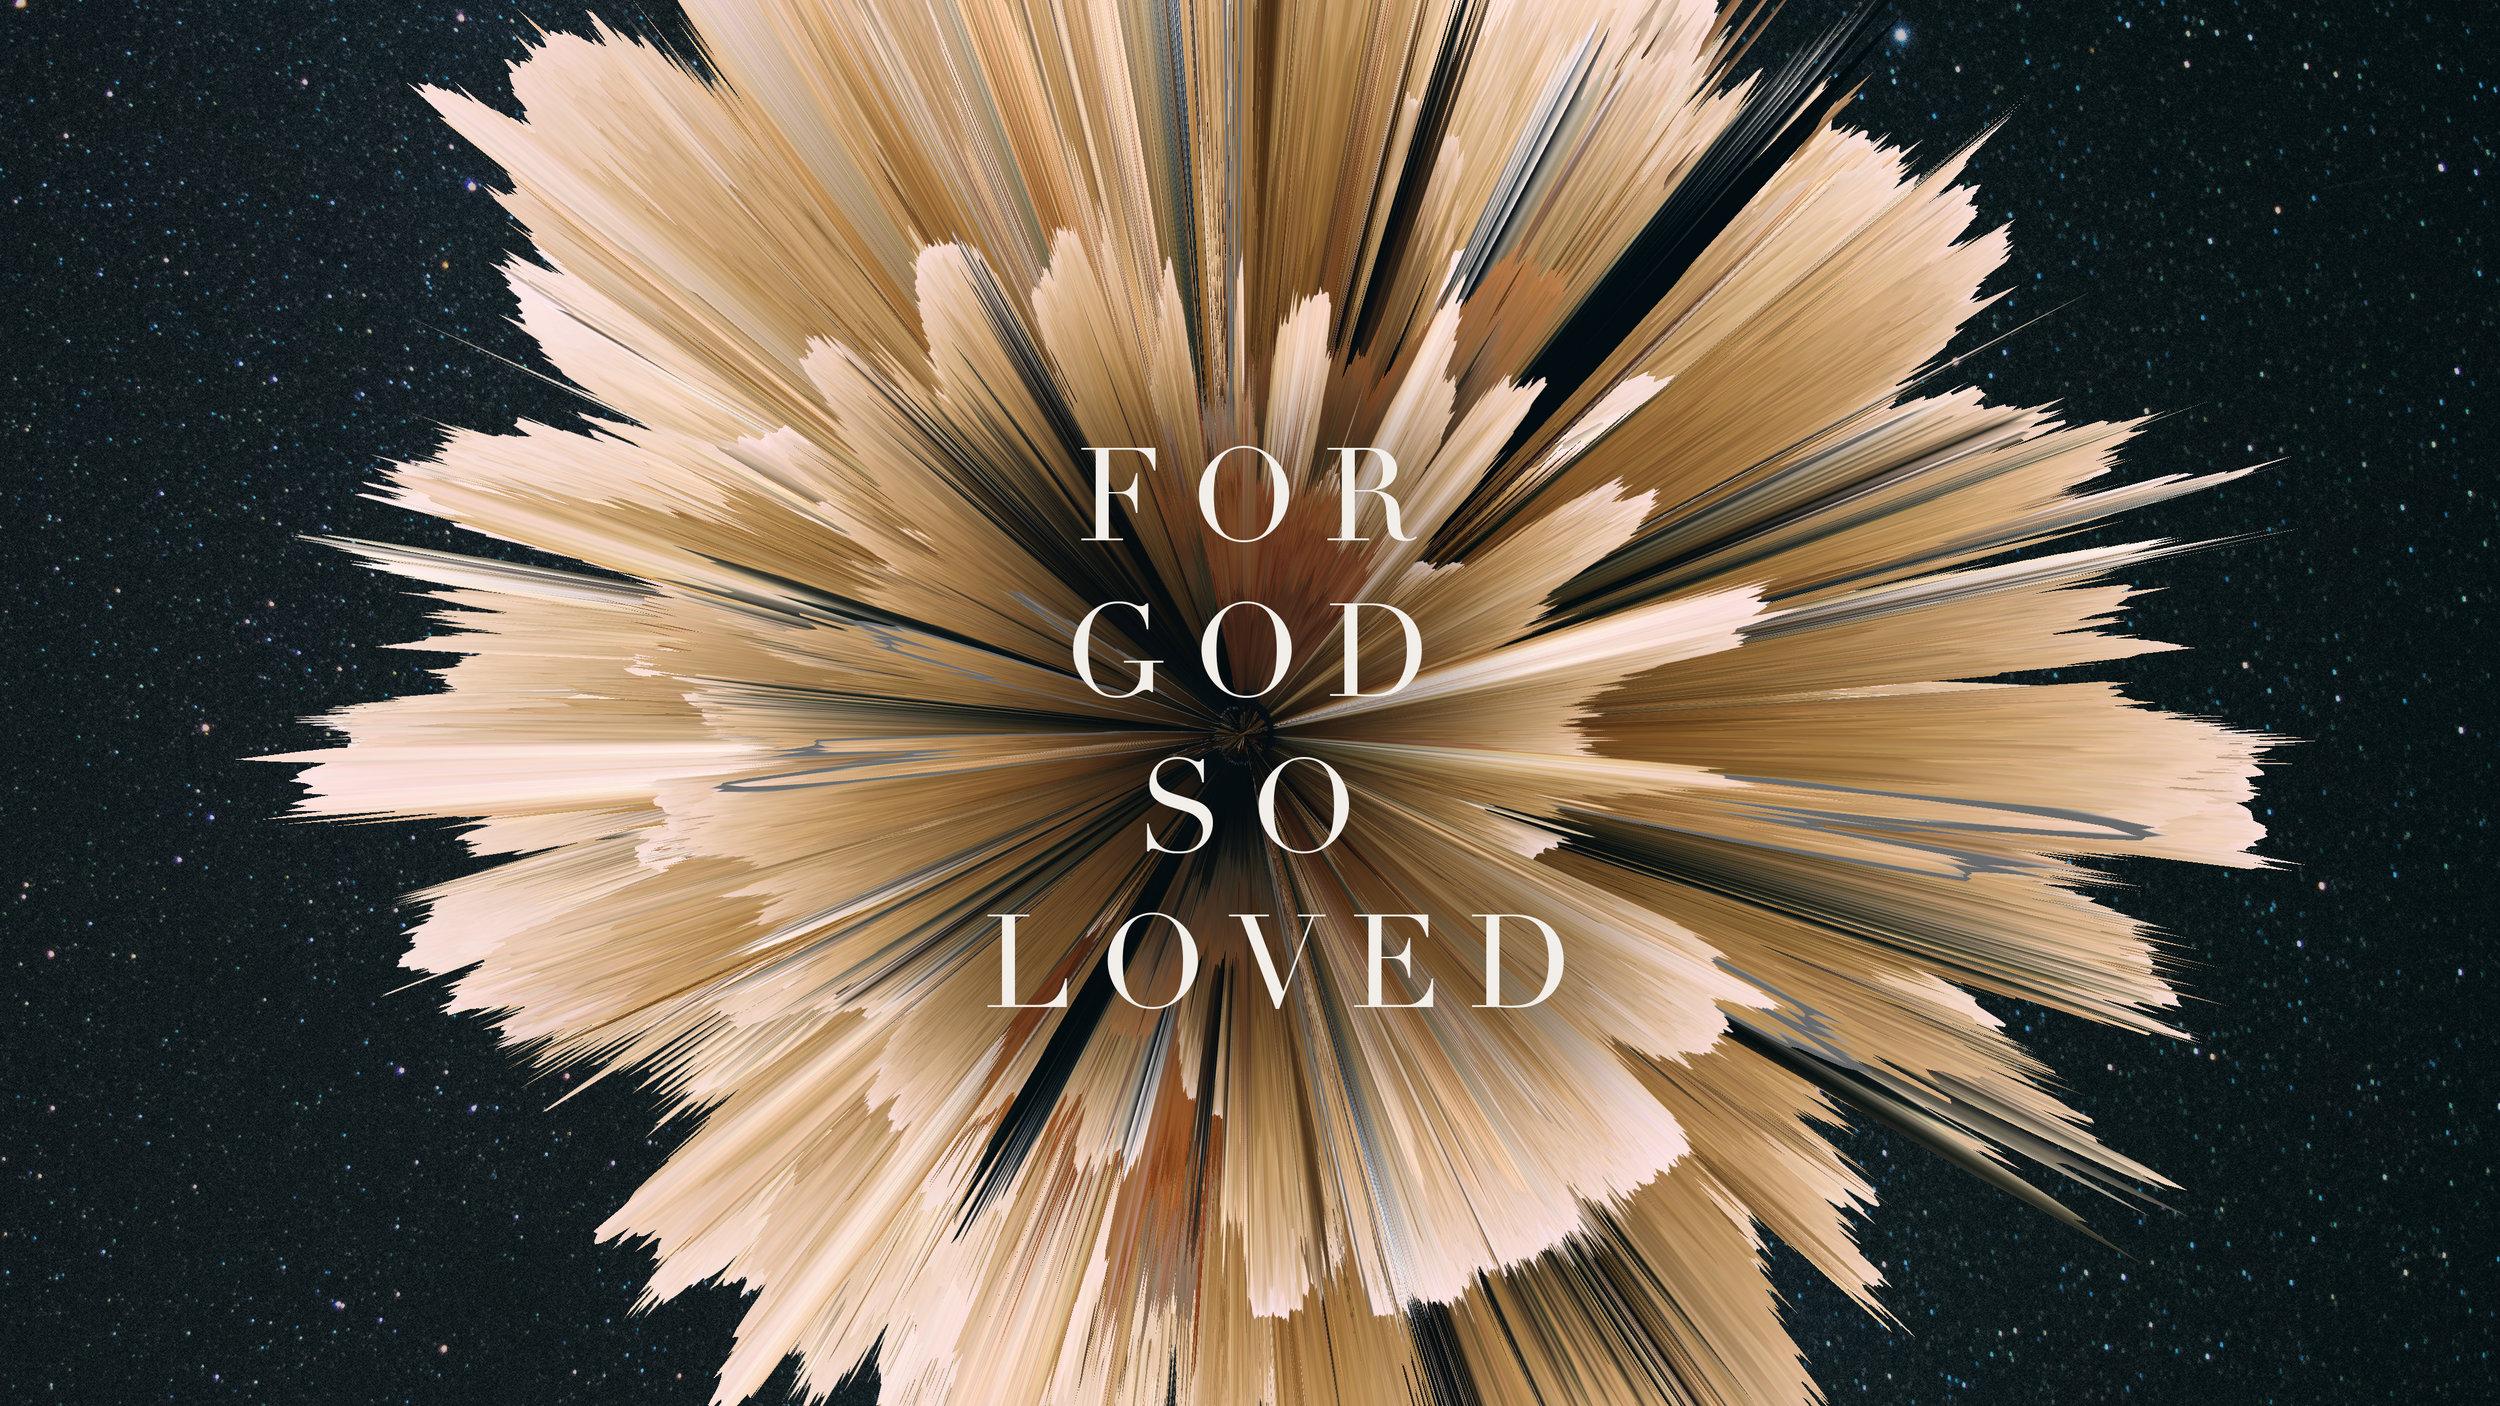 For God So Loved_Title.jpg